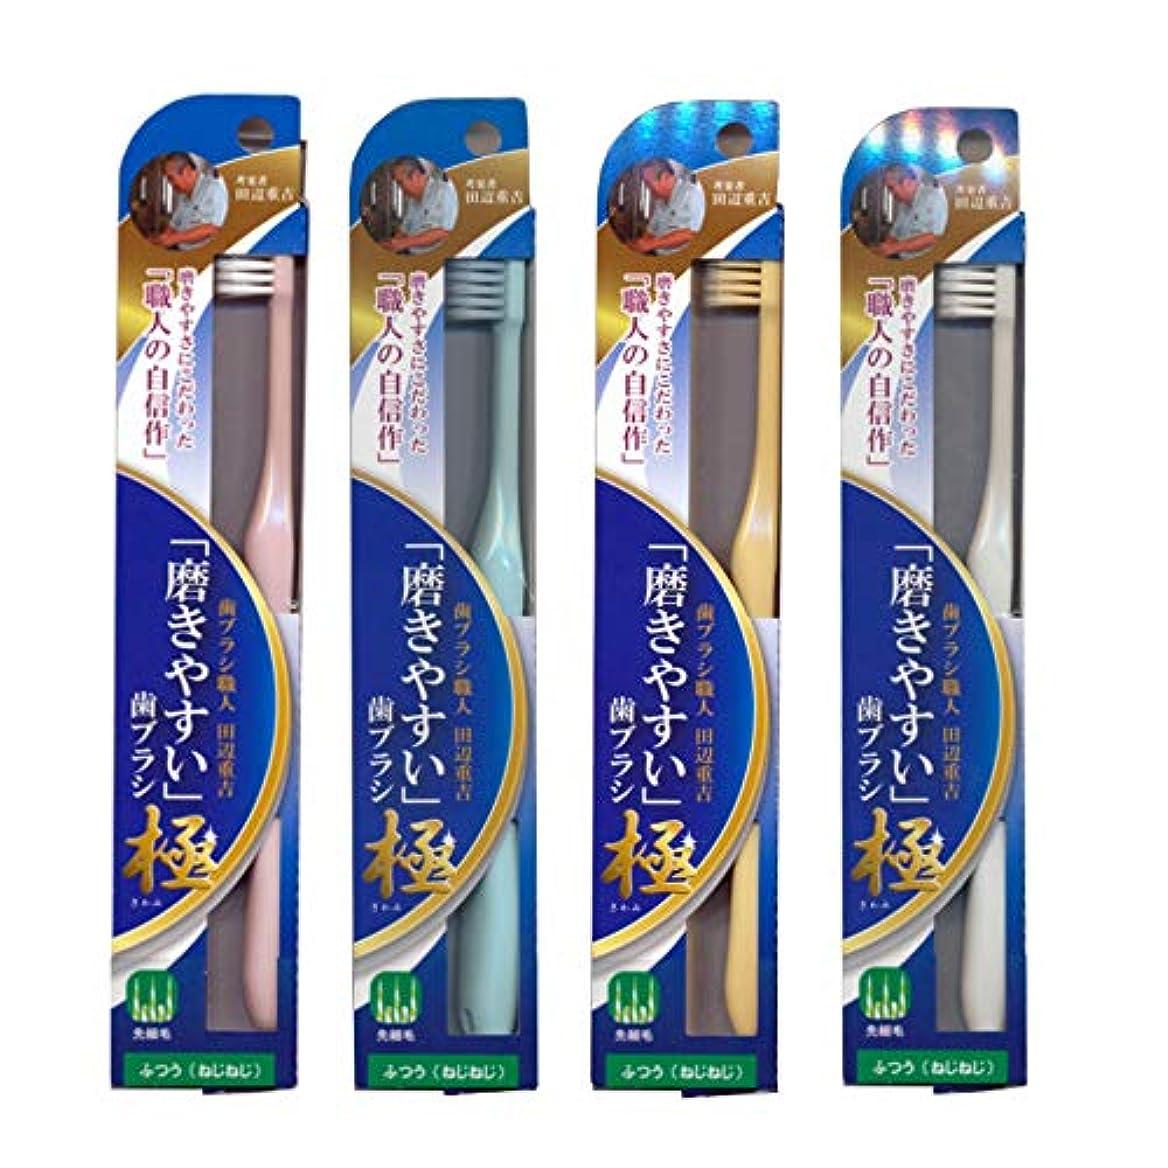 省略する含意スリチンモイ磨きやすい歯ブラシ極 (ふつう ねじねじ) LT-45×12本セット(ピンク×3、ブルー×3、ホワイト×3、イエロー×3) 先細毛